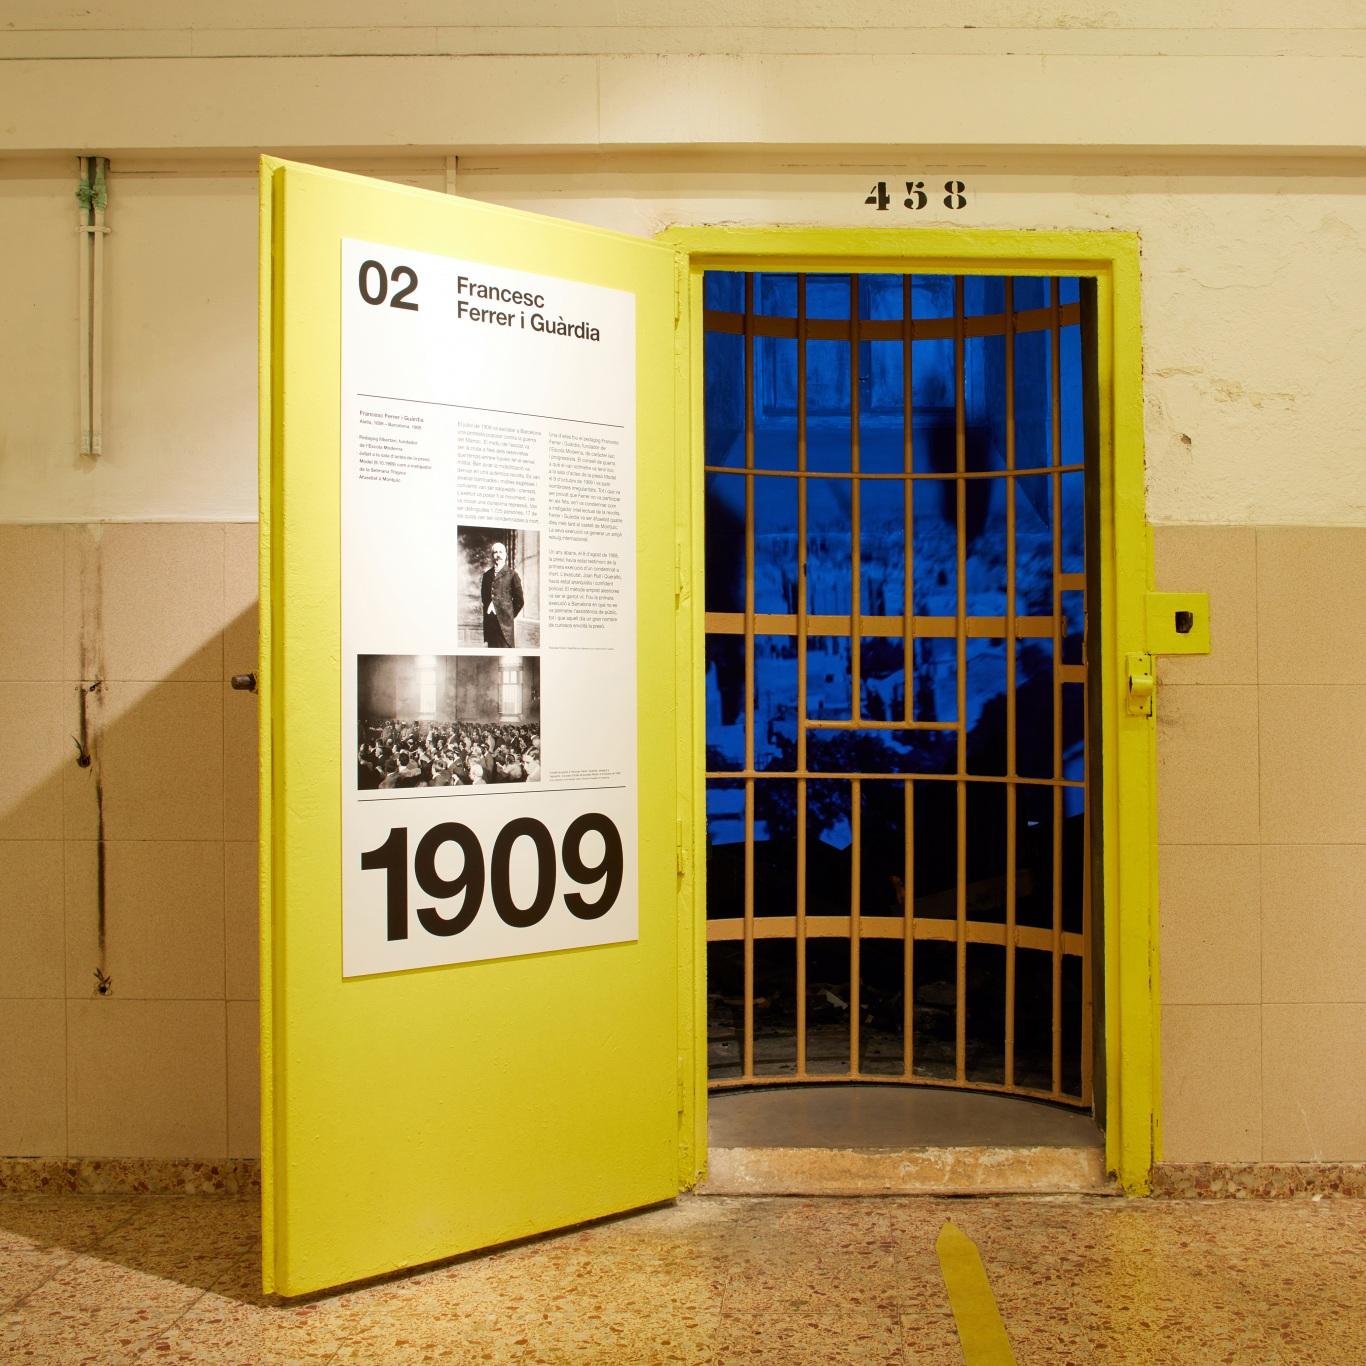 Visita museizada a la Presó Model. Celda 2, Francesc Ferrer i Guàrdia. Puerta amarilla.